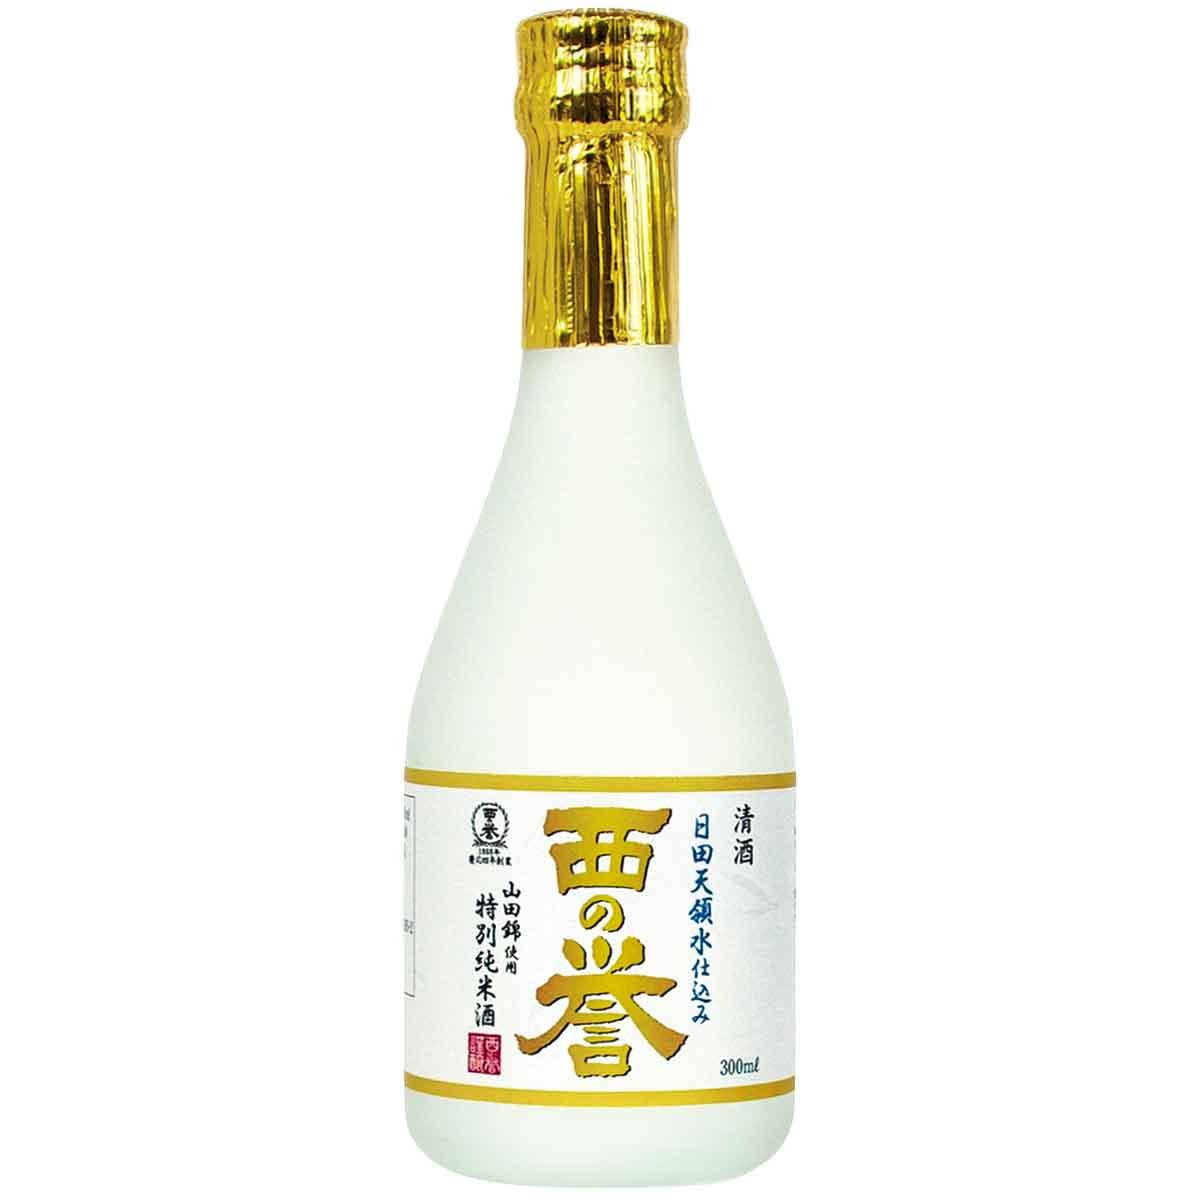 特別純米酒 西の誉 300ml